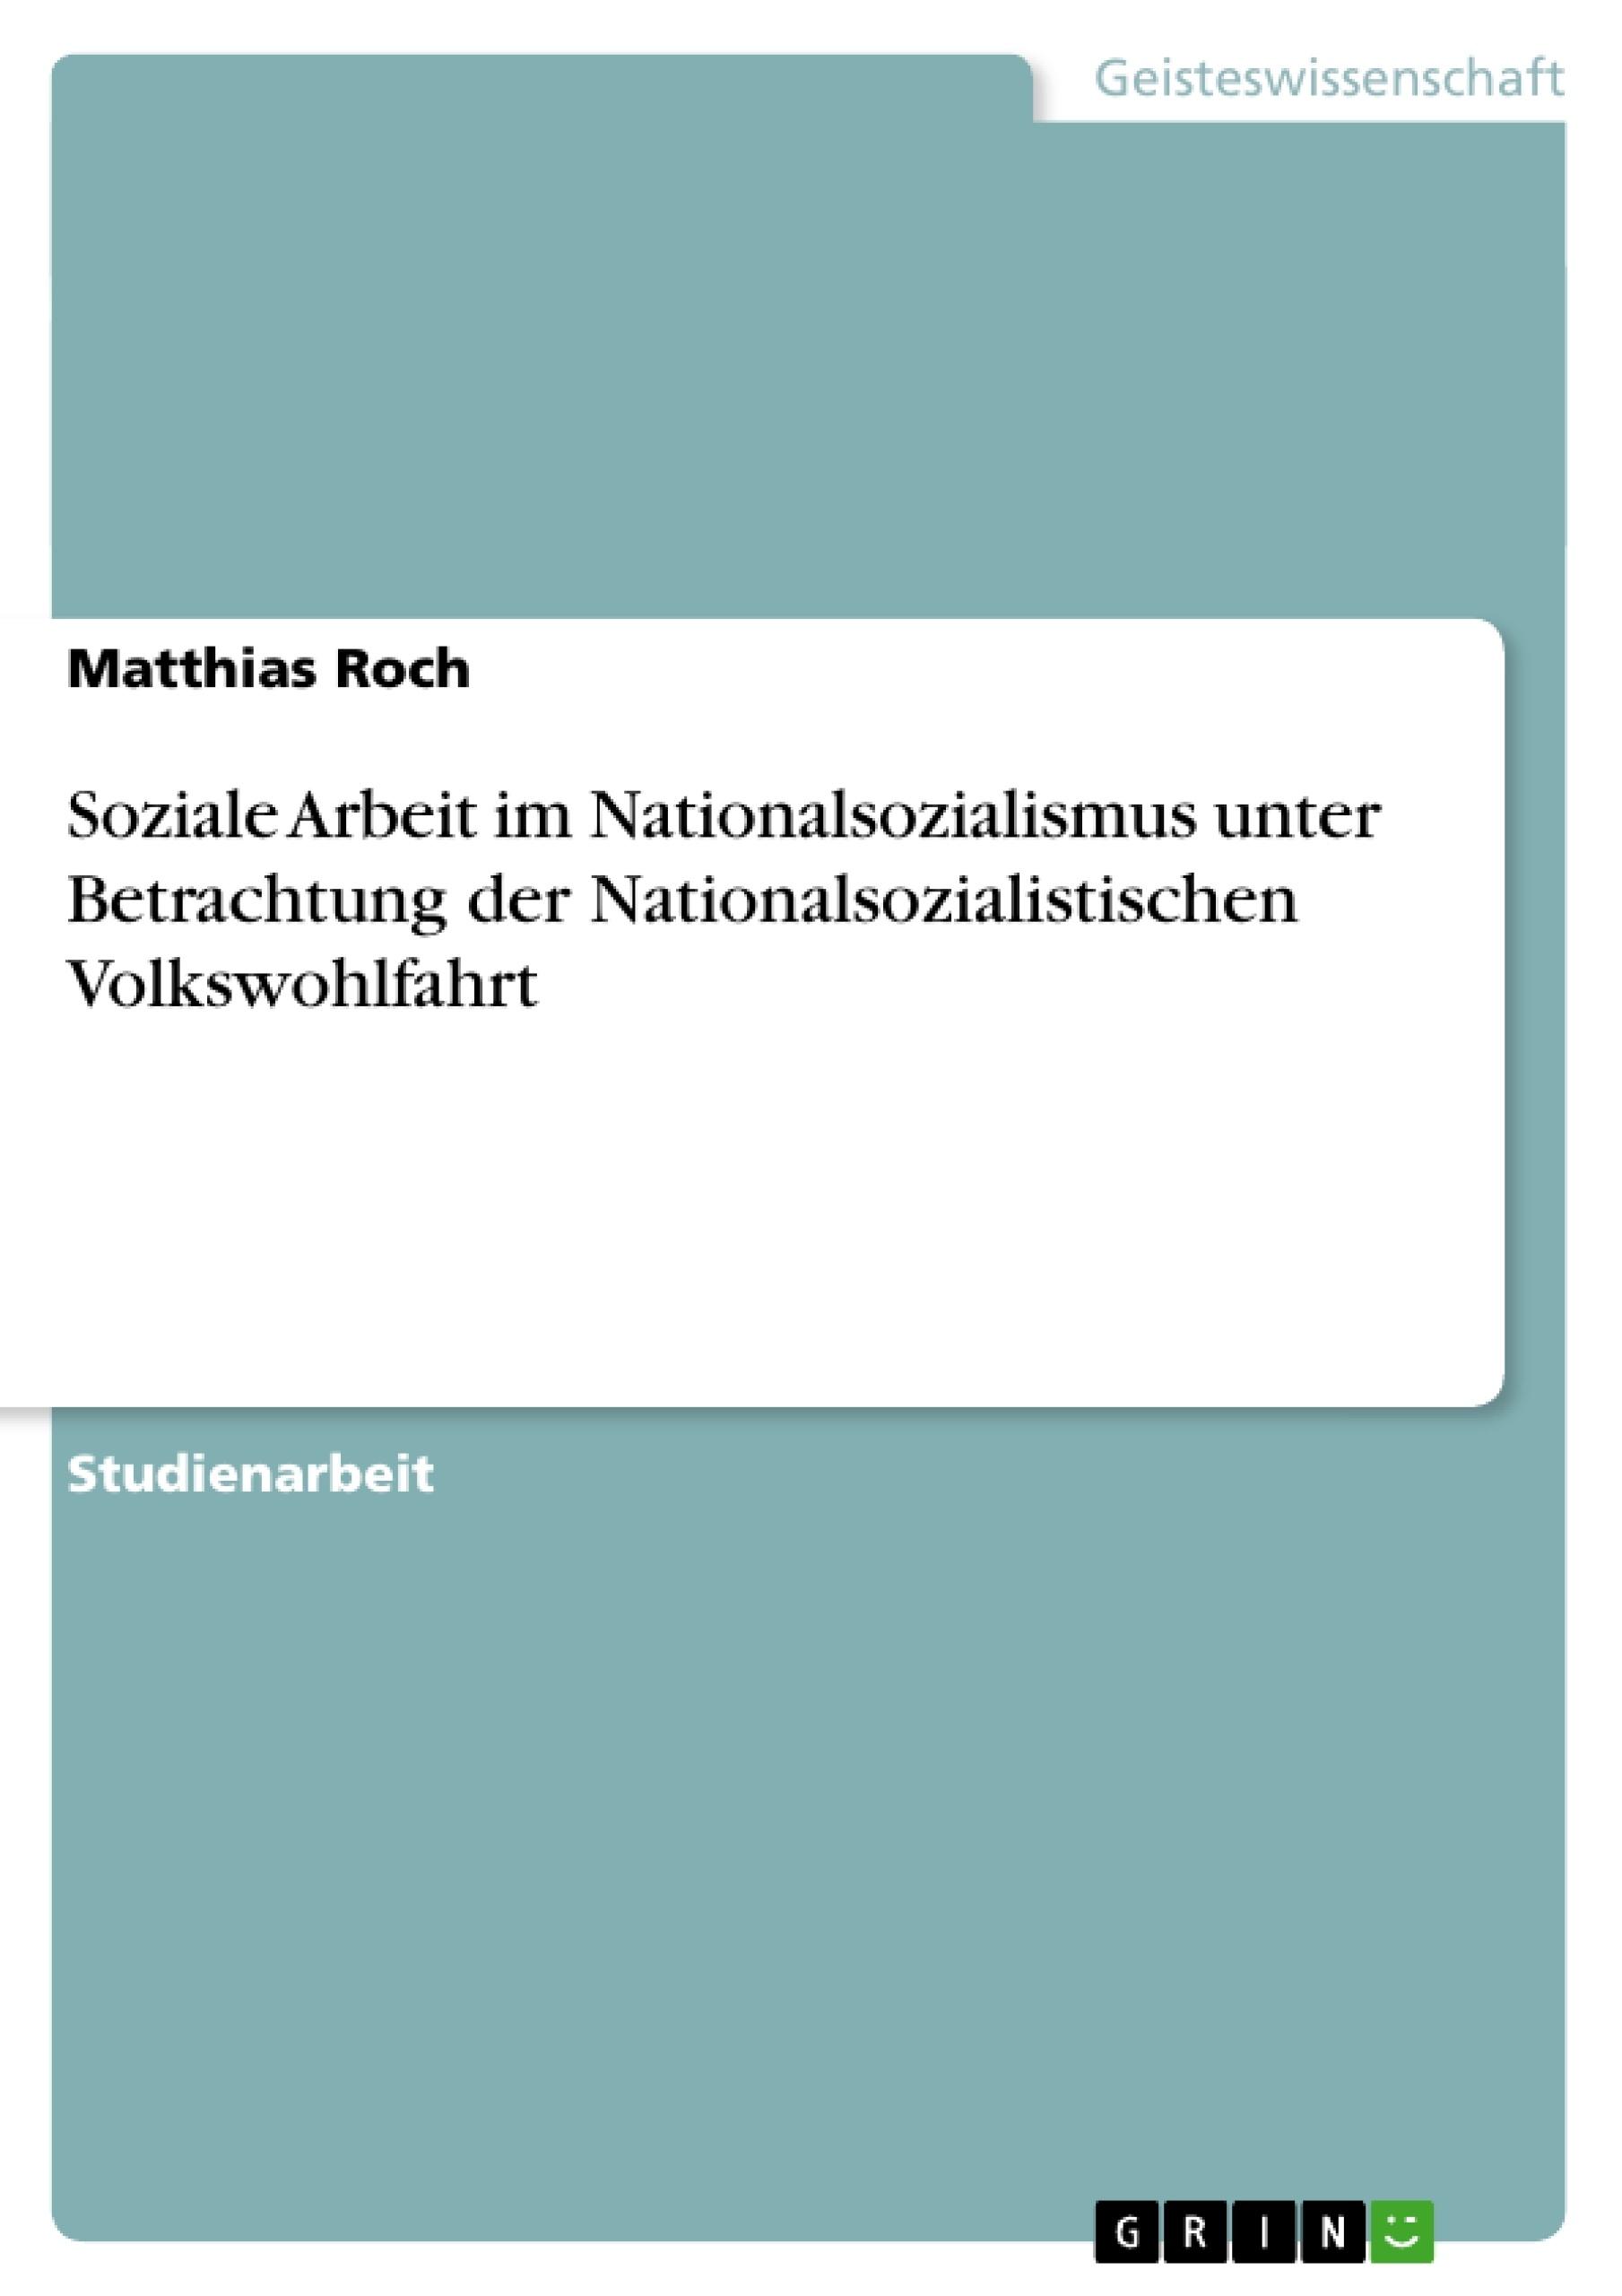 Titel: Soziale Arbeit im Nationalsozialismus unter Betrachtung der Nationalsozialistischen Volkswohlfahrt